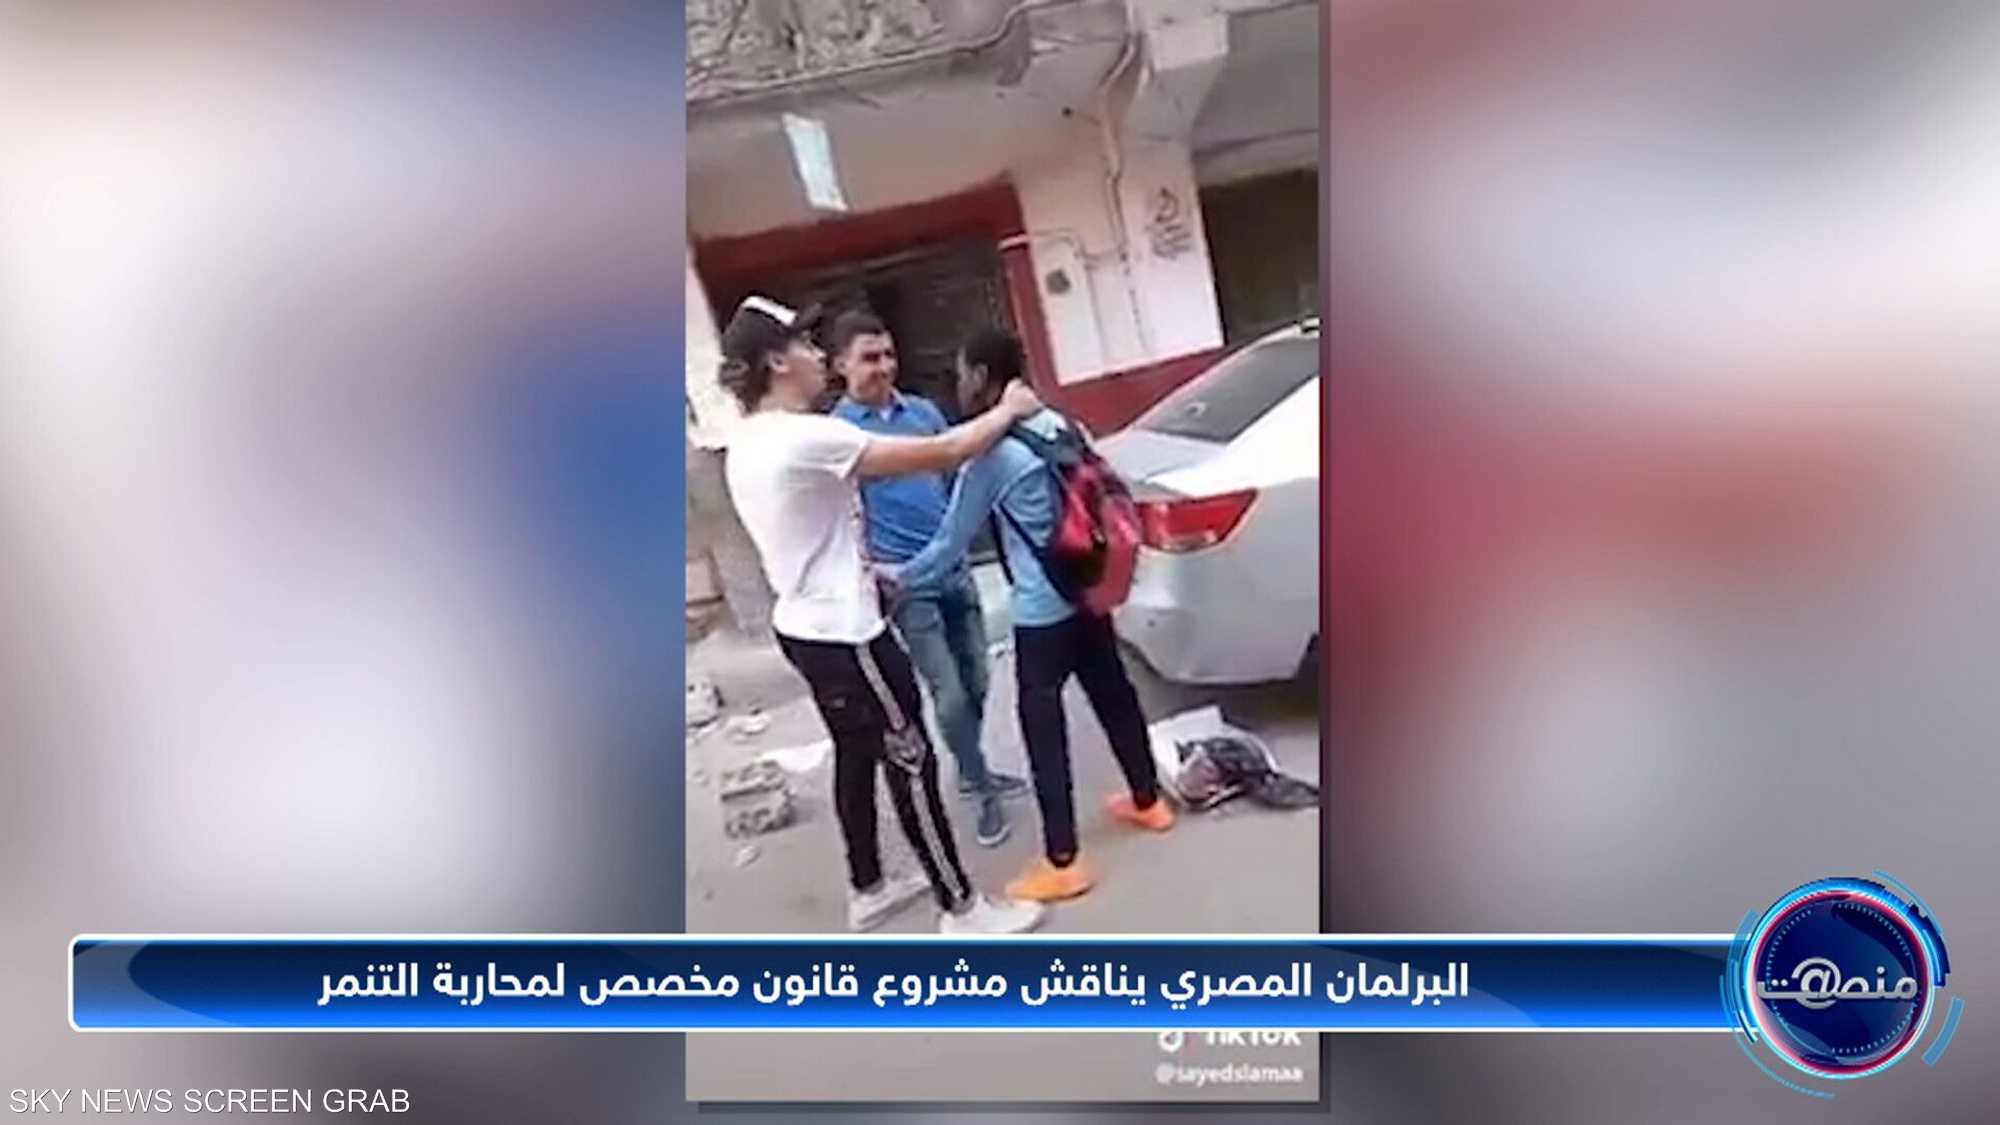 مصر تحارب التنمر بقانون جديد